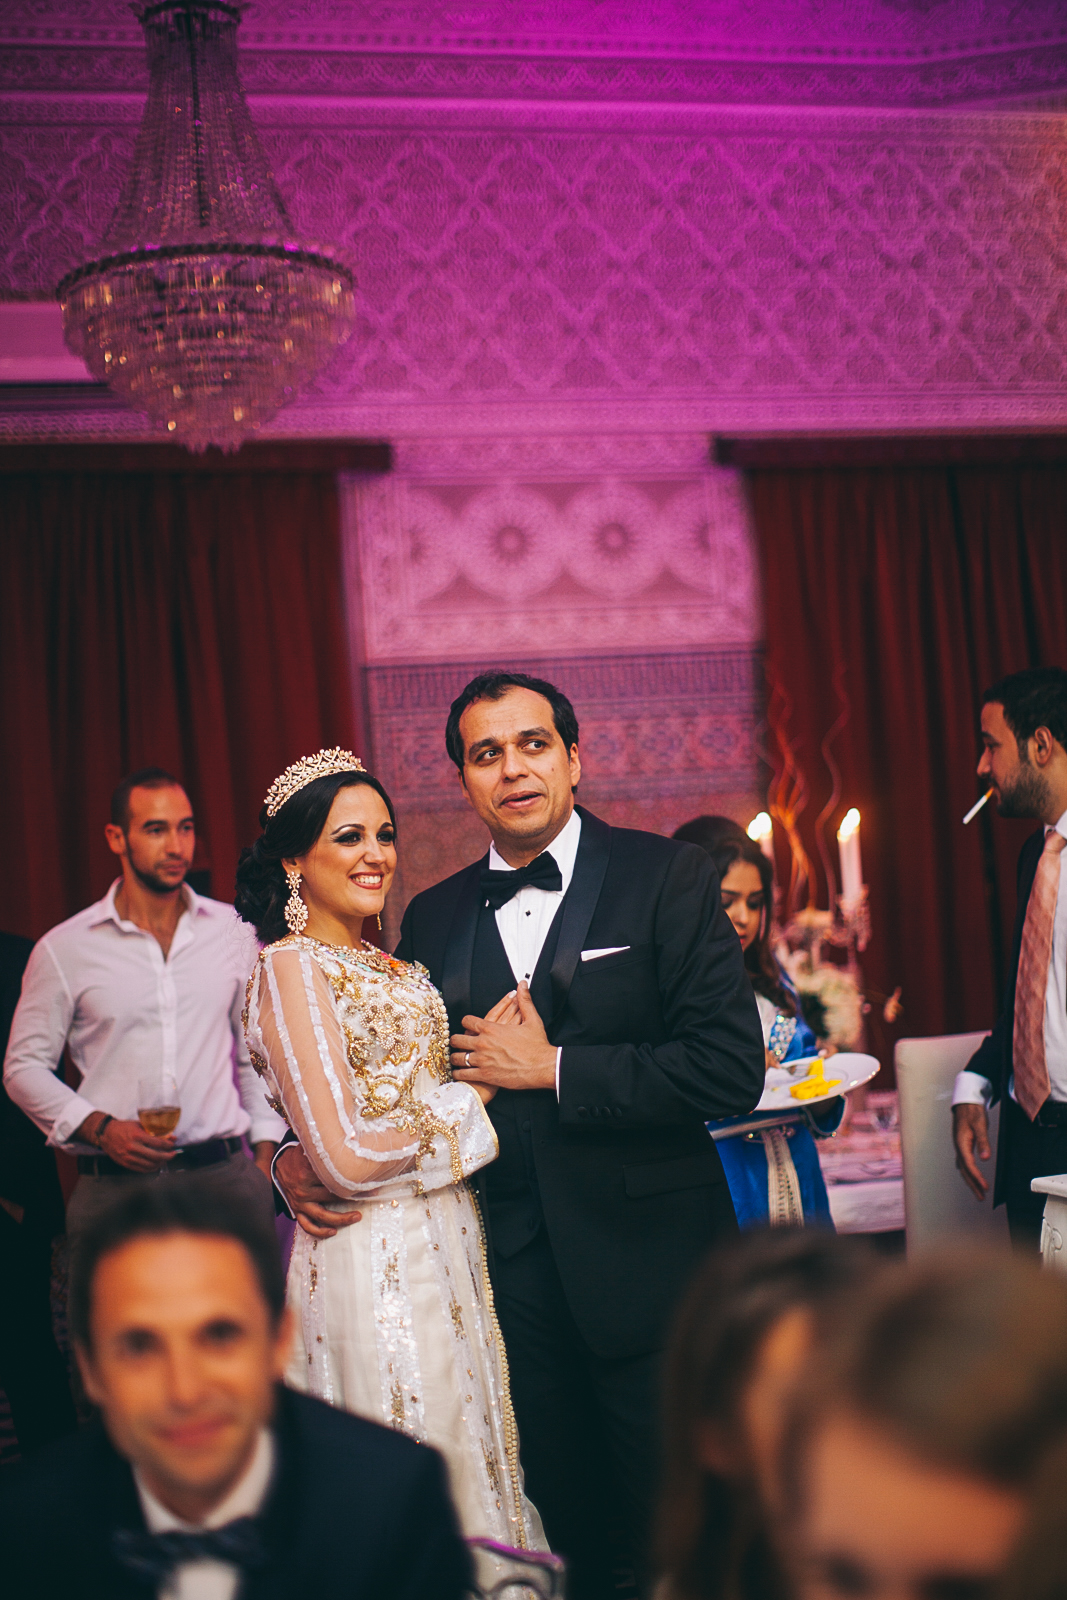 traditional_moroccan_wedding_photographry_casablanca_morocco_houda_vivek_ebony_siovhan_bokeh_photography_145.jpg